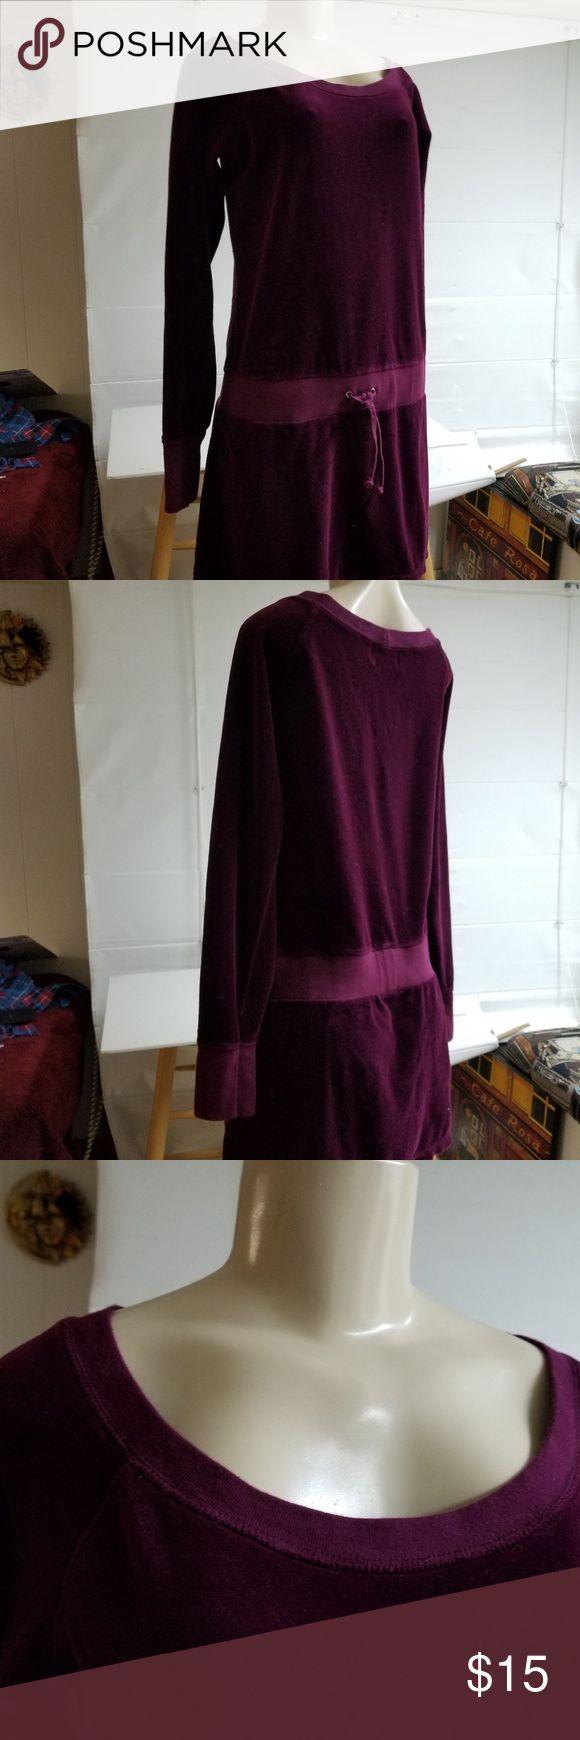 JUICY Cotton Velvet Scoopneck Casual Dress Purple Pre-owned Cotton soft velvet scoop-neck short dress with drawstring low waist. Rick burgundy wine color. Washable. Super comfortable. Juicy Couture Dresses Mini